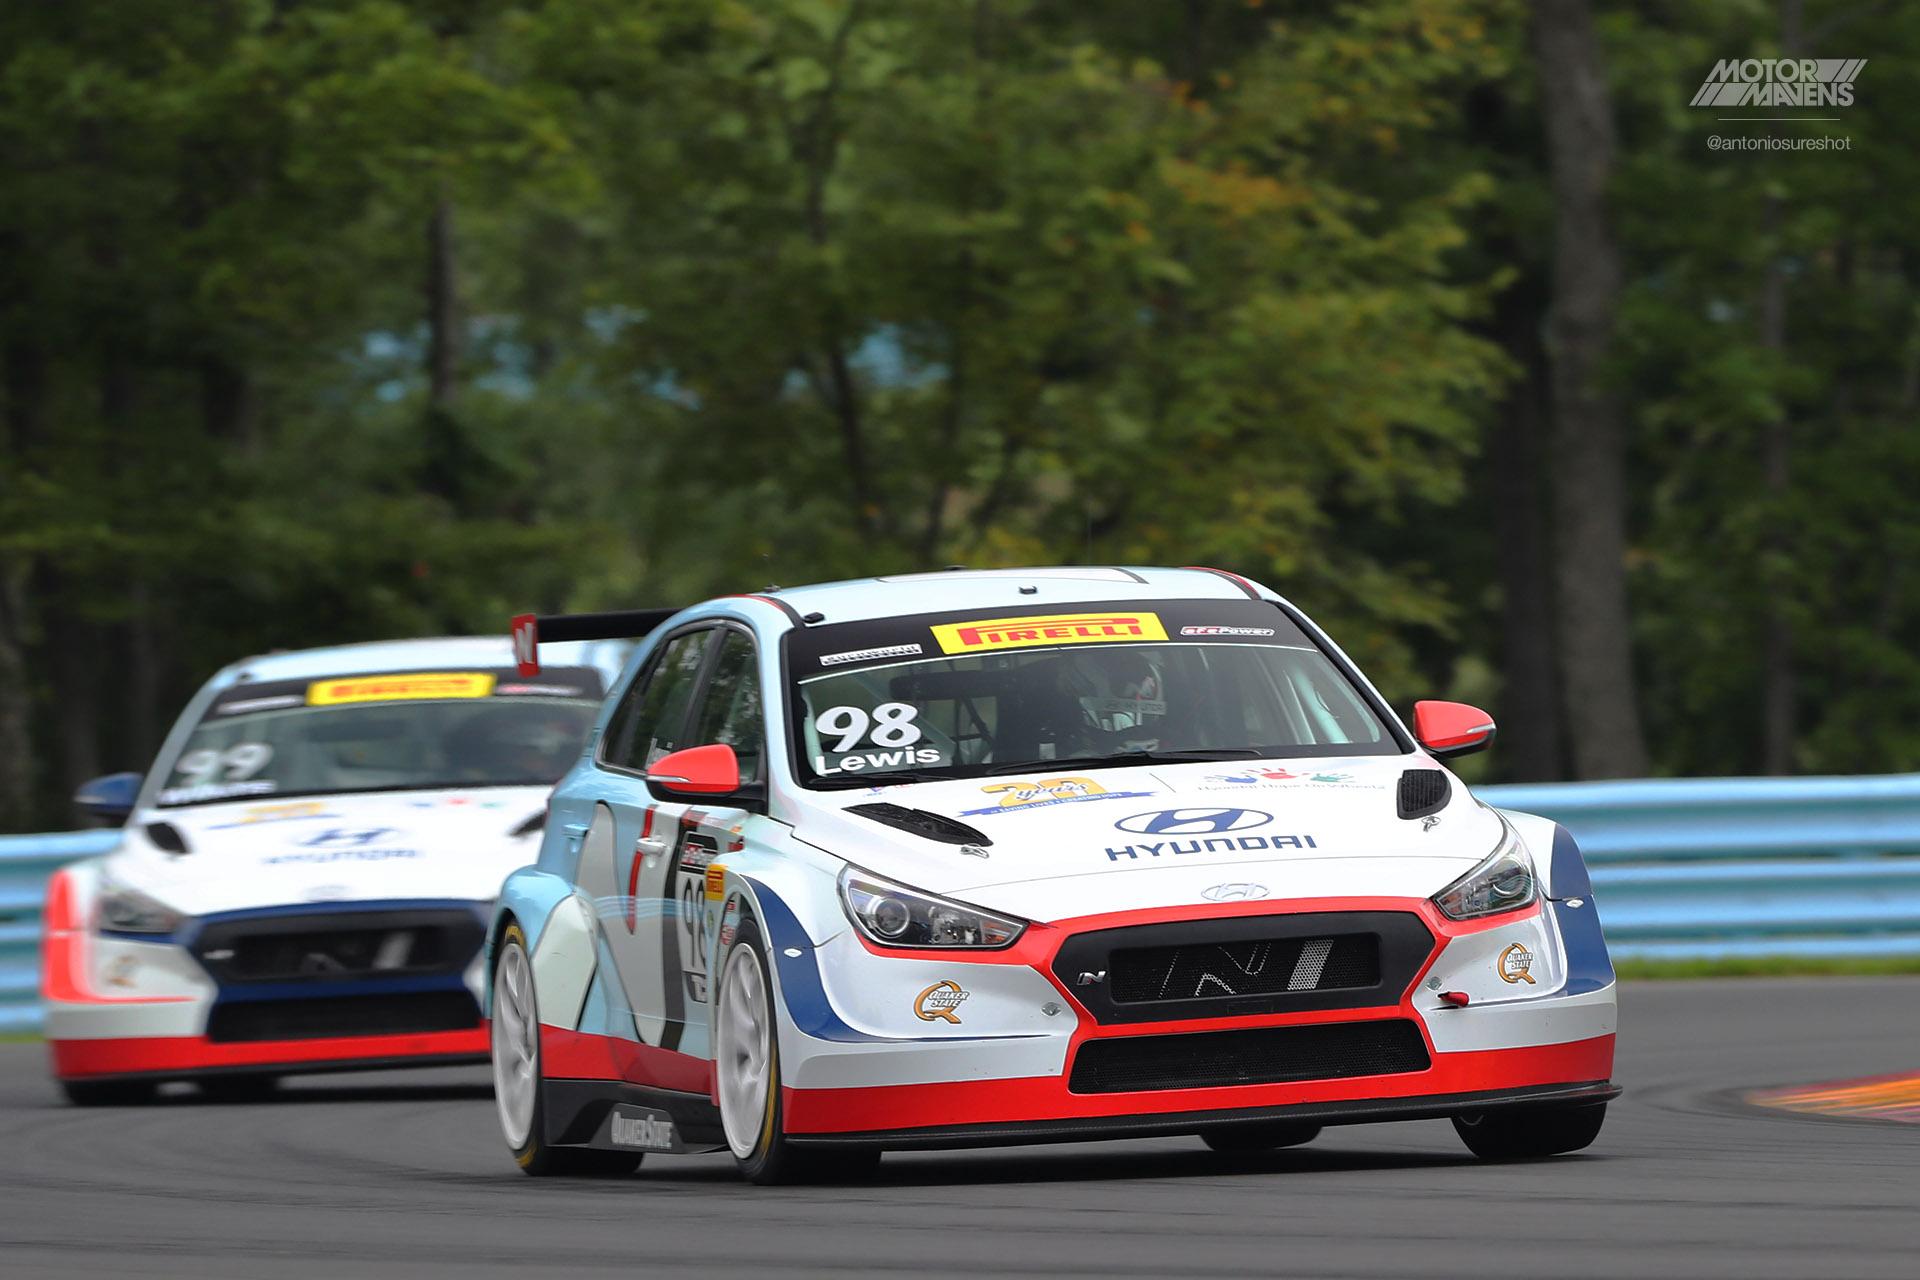 Hyundai, i30N, Elantra GT, TCR, pirelli world challenge, marc lewis